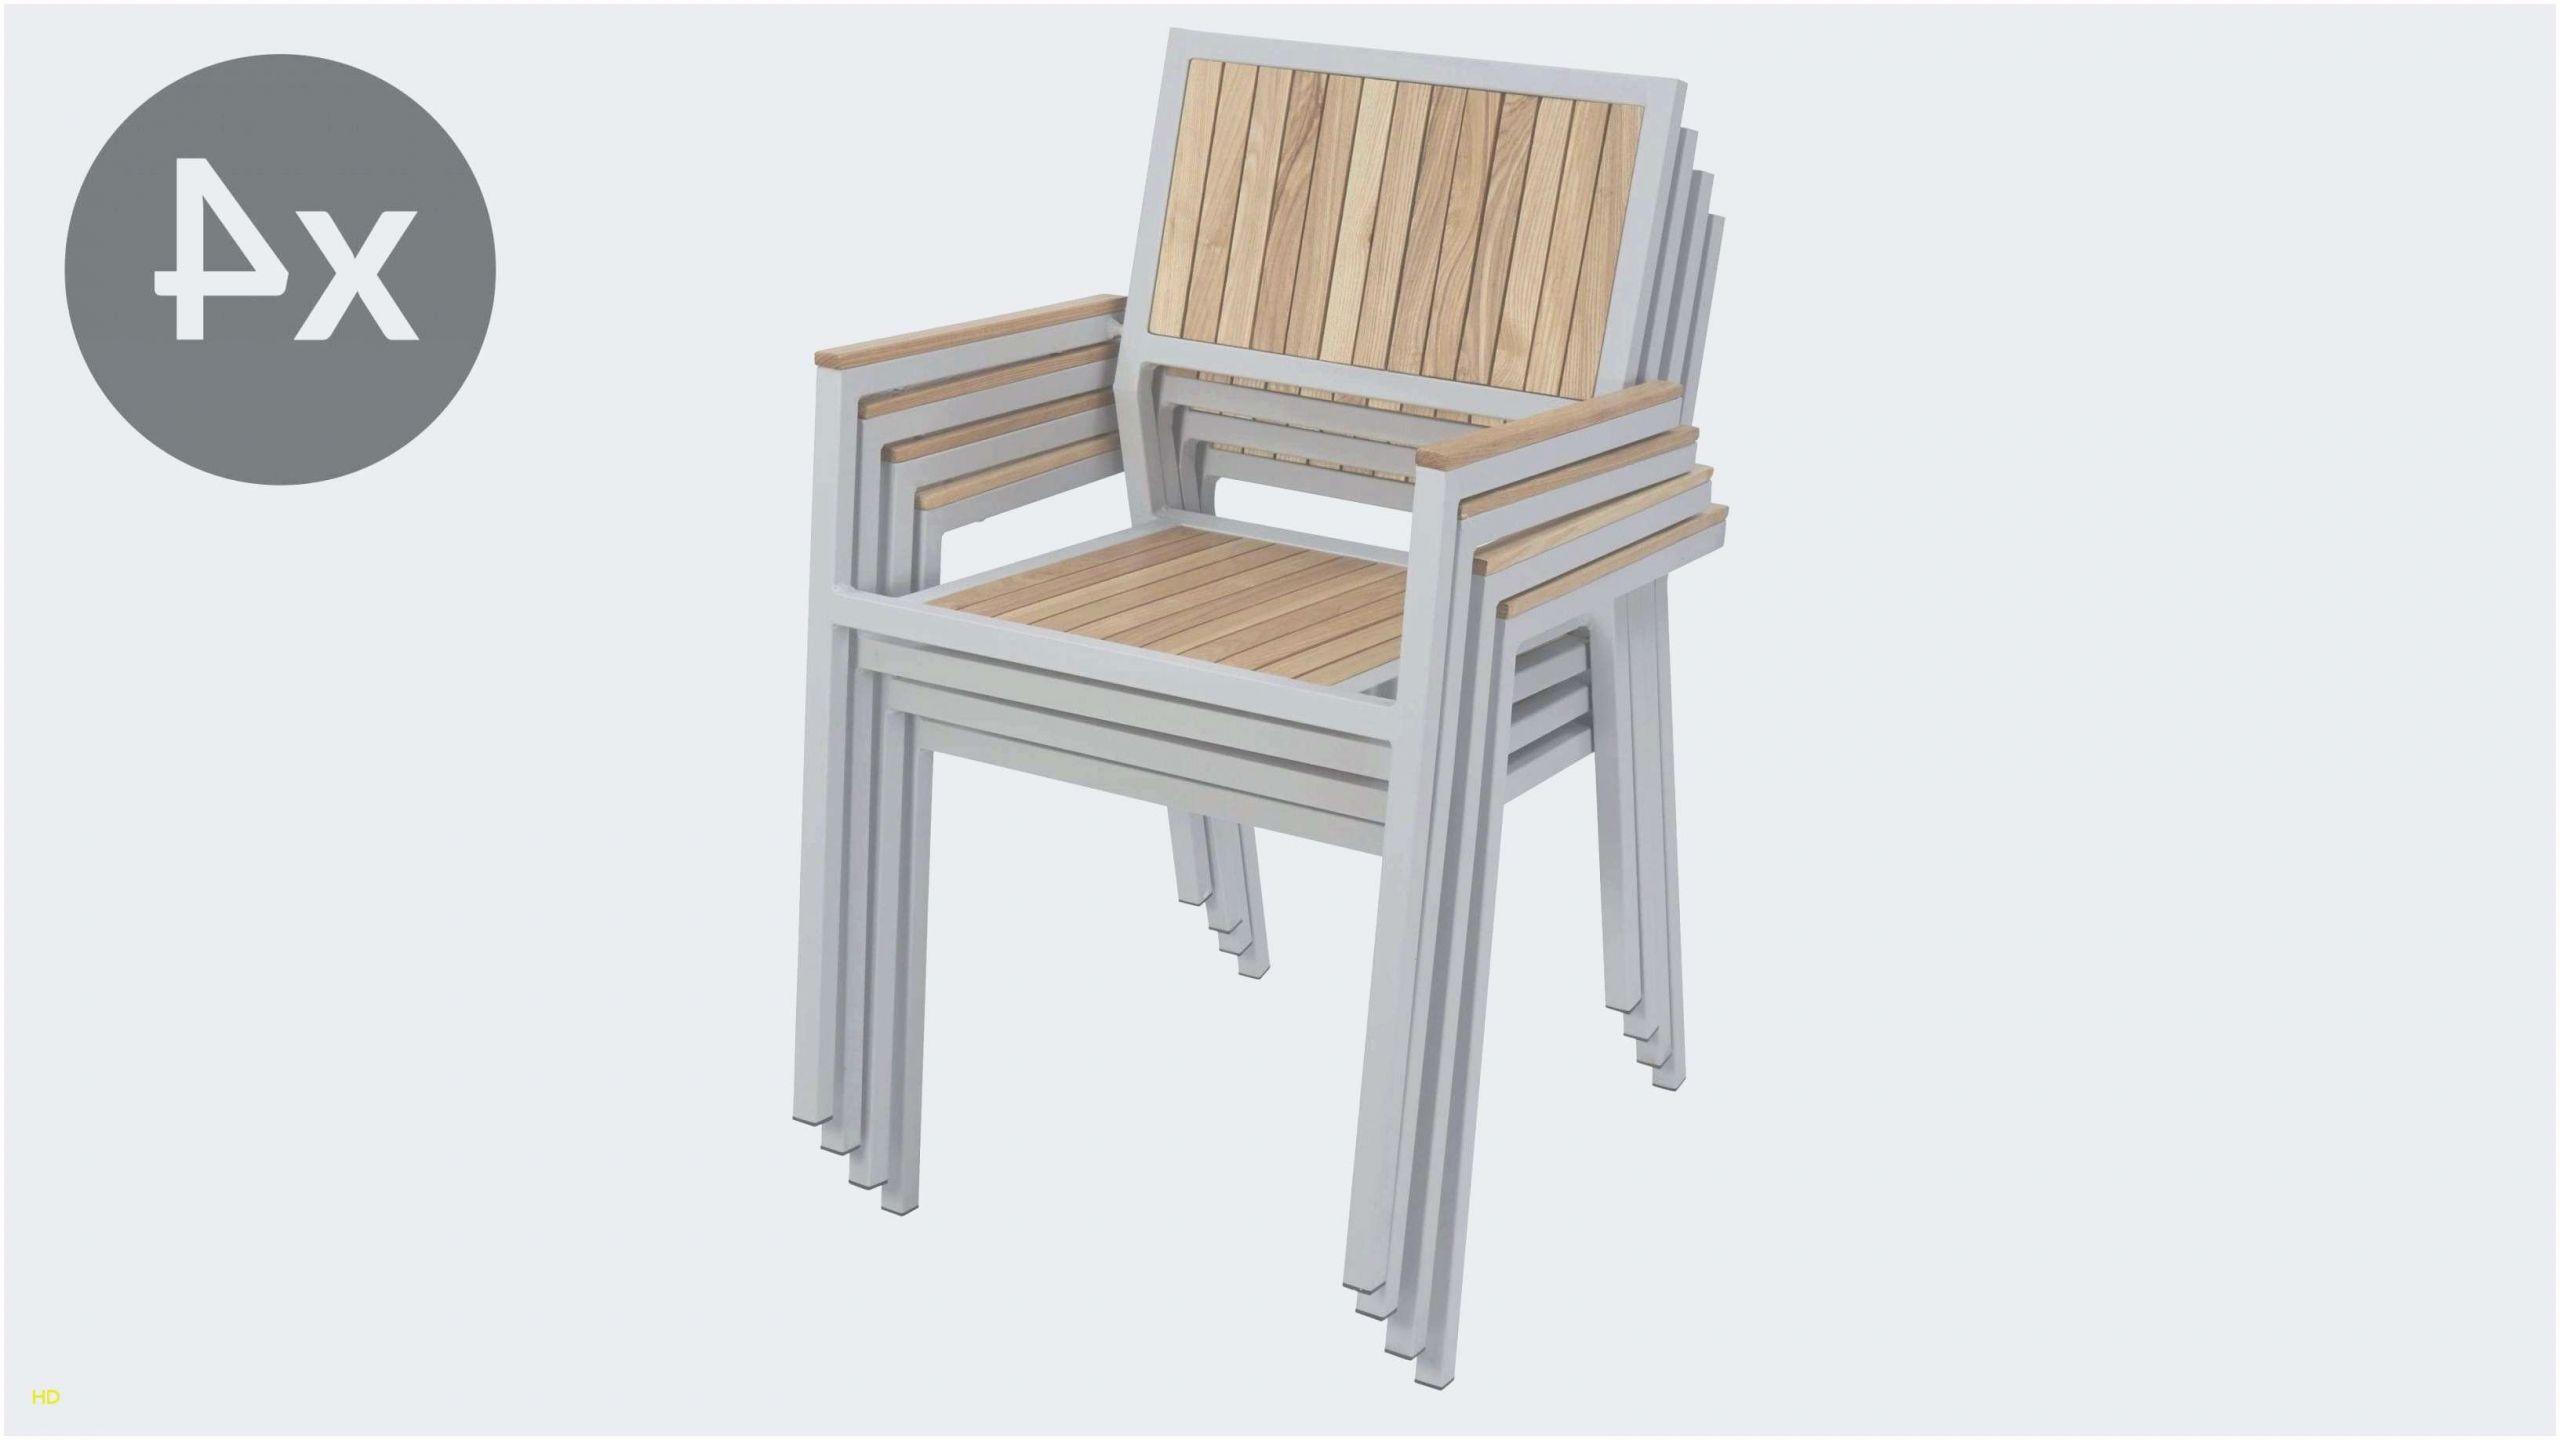 chaise hesperide pas cher meilleur de impressionnant chaise hamac chaise hamac meilleur chaise hesperide of chaise hesperide pas cher